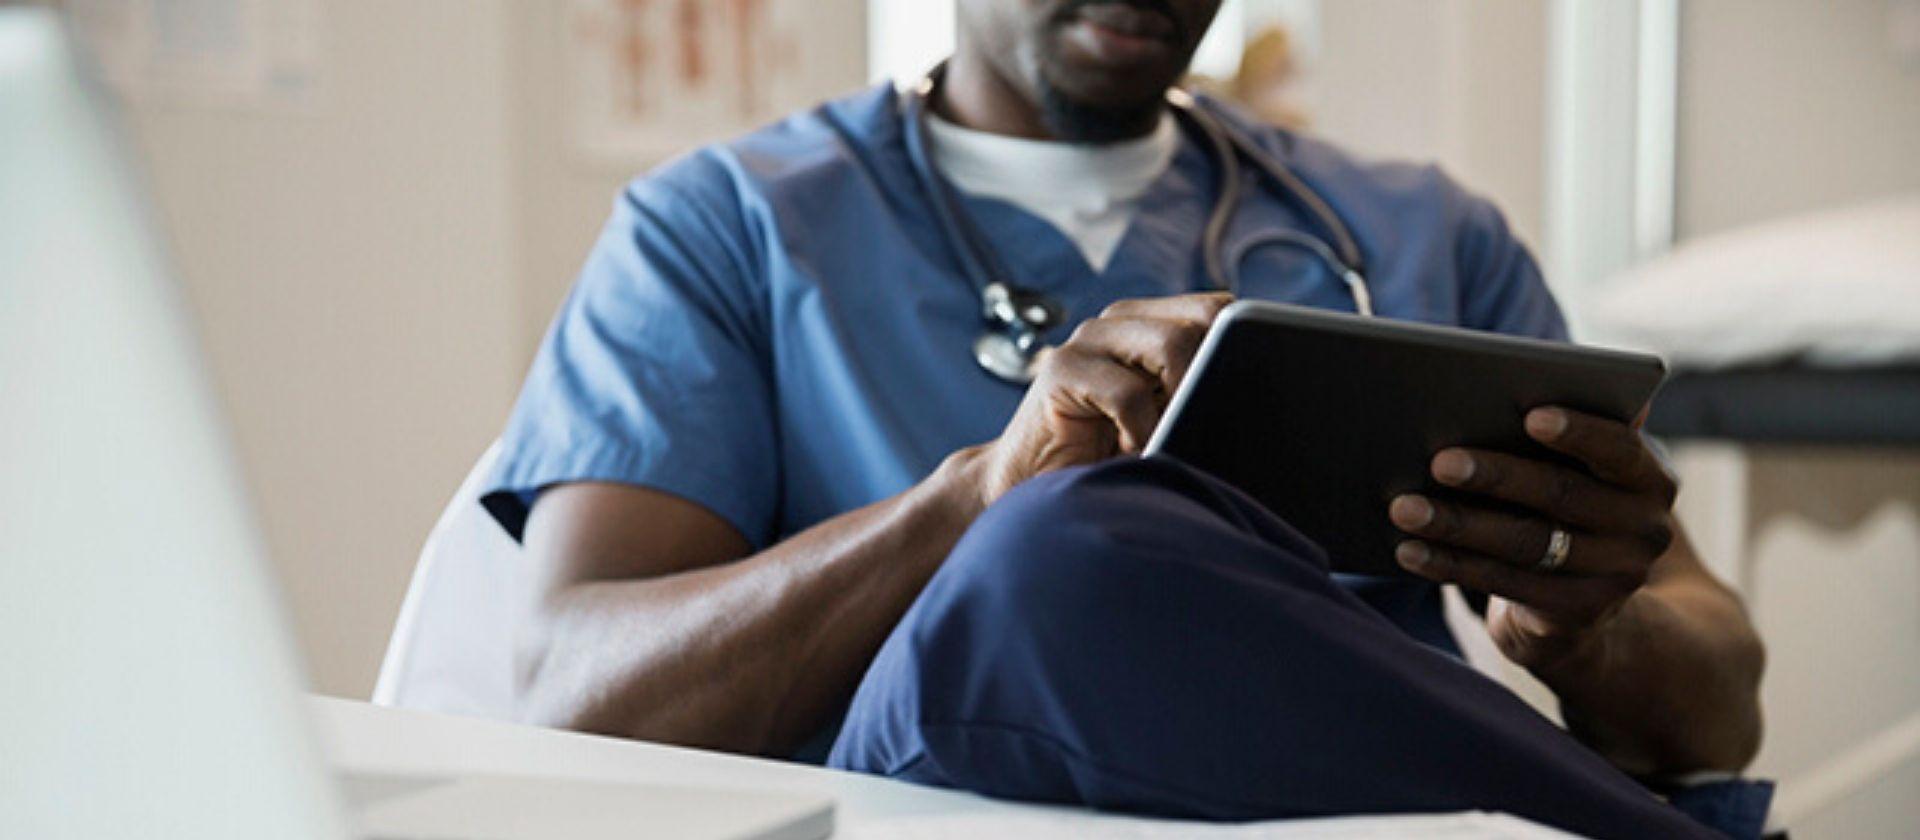 Digital Health Transformation